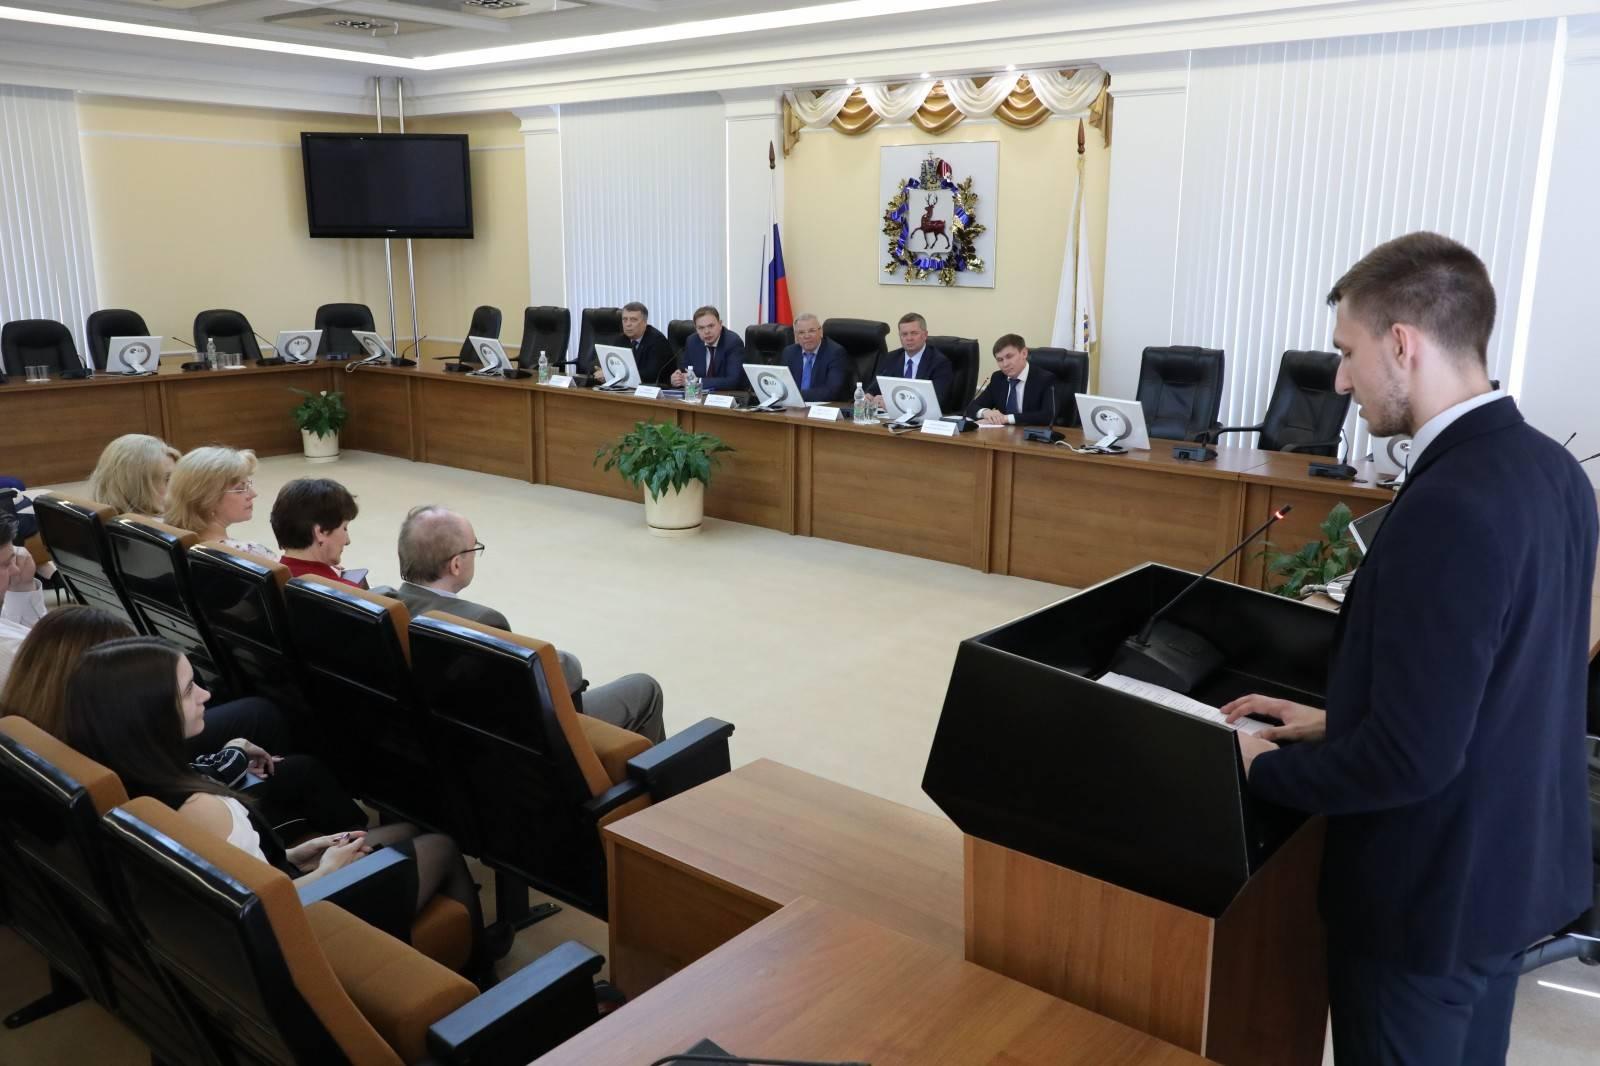 Вице-губернатор Нижегородской области встретился со студентами Дзержинского филиала РАНХиГС